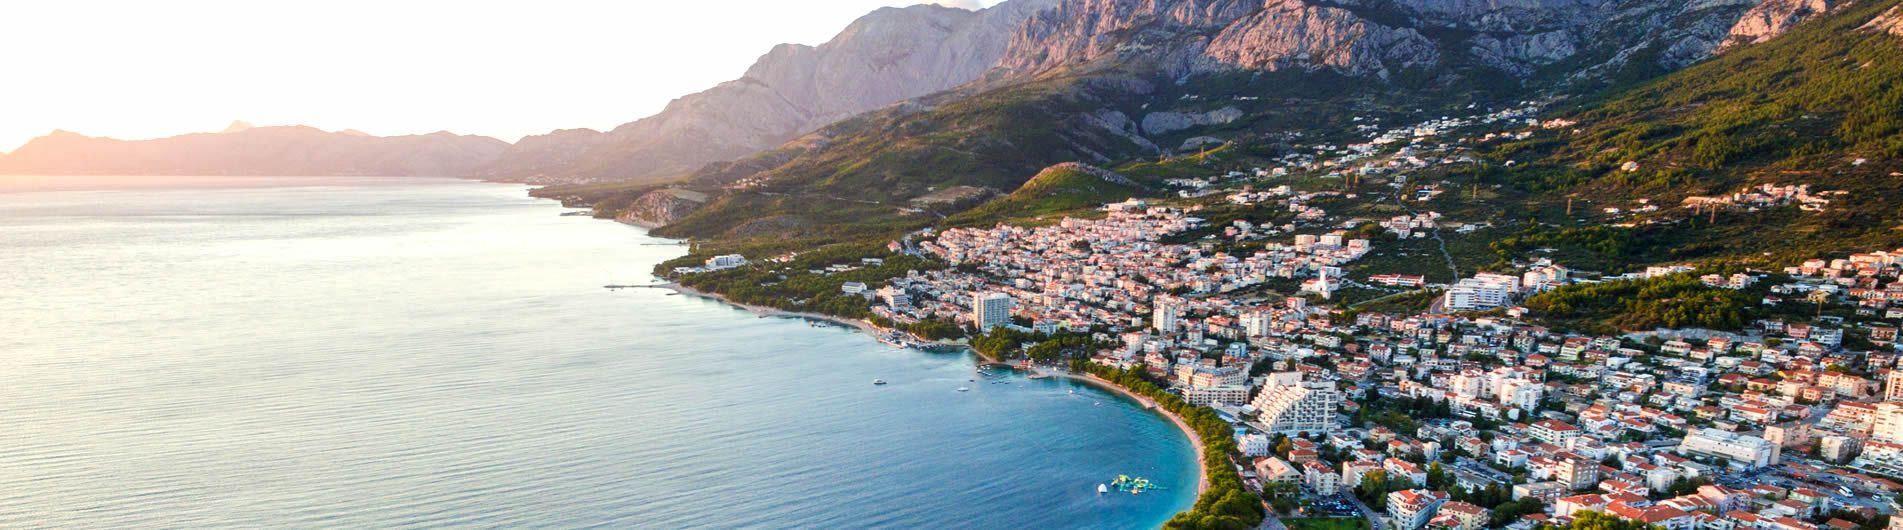 Exploring The Makarska Riviera